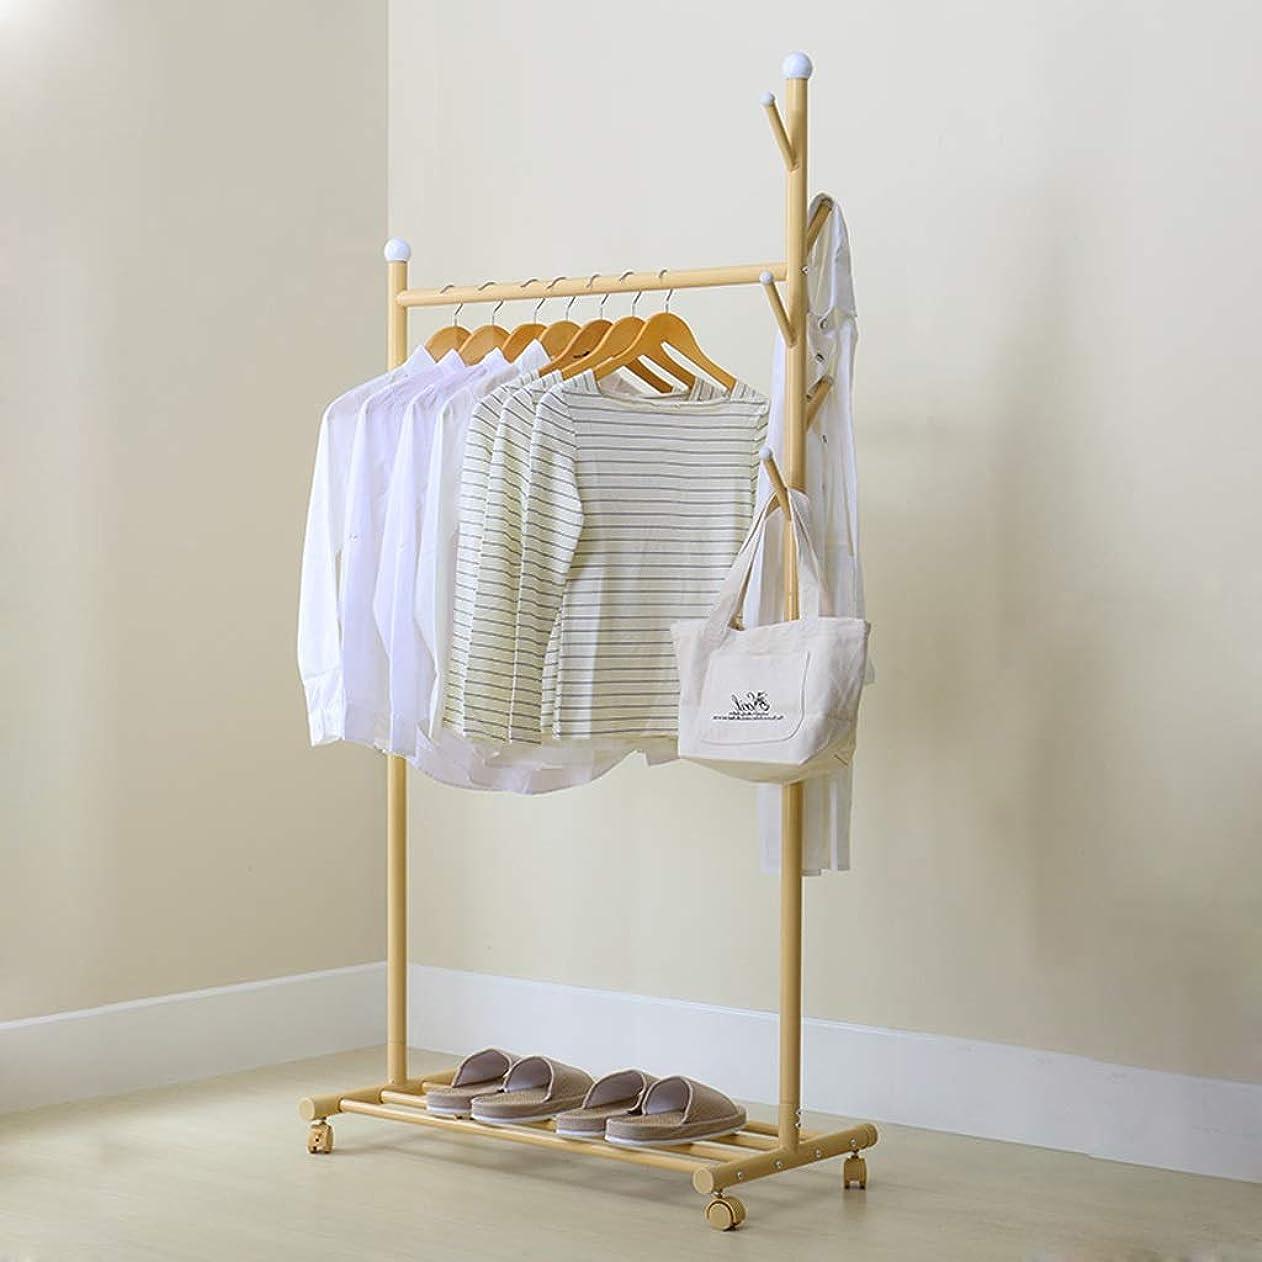 ブーストナイトスポット罪人GLJJQMY 薄黄色の単純で現代的なハンガーの床の寝室の家のコートラックハンガーの床165 * 88 * 43 cm。 。 ウォールマウントシェルフ